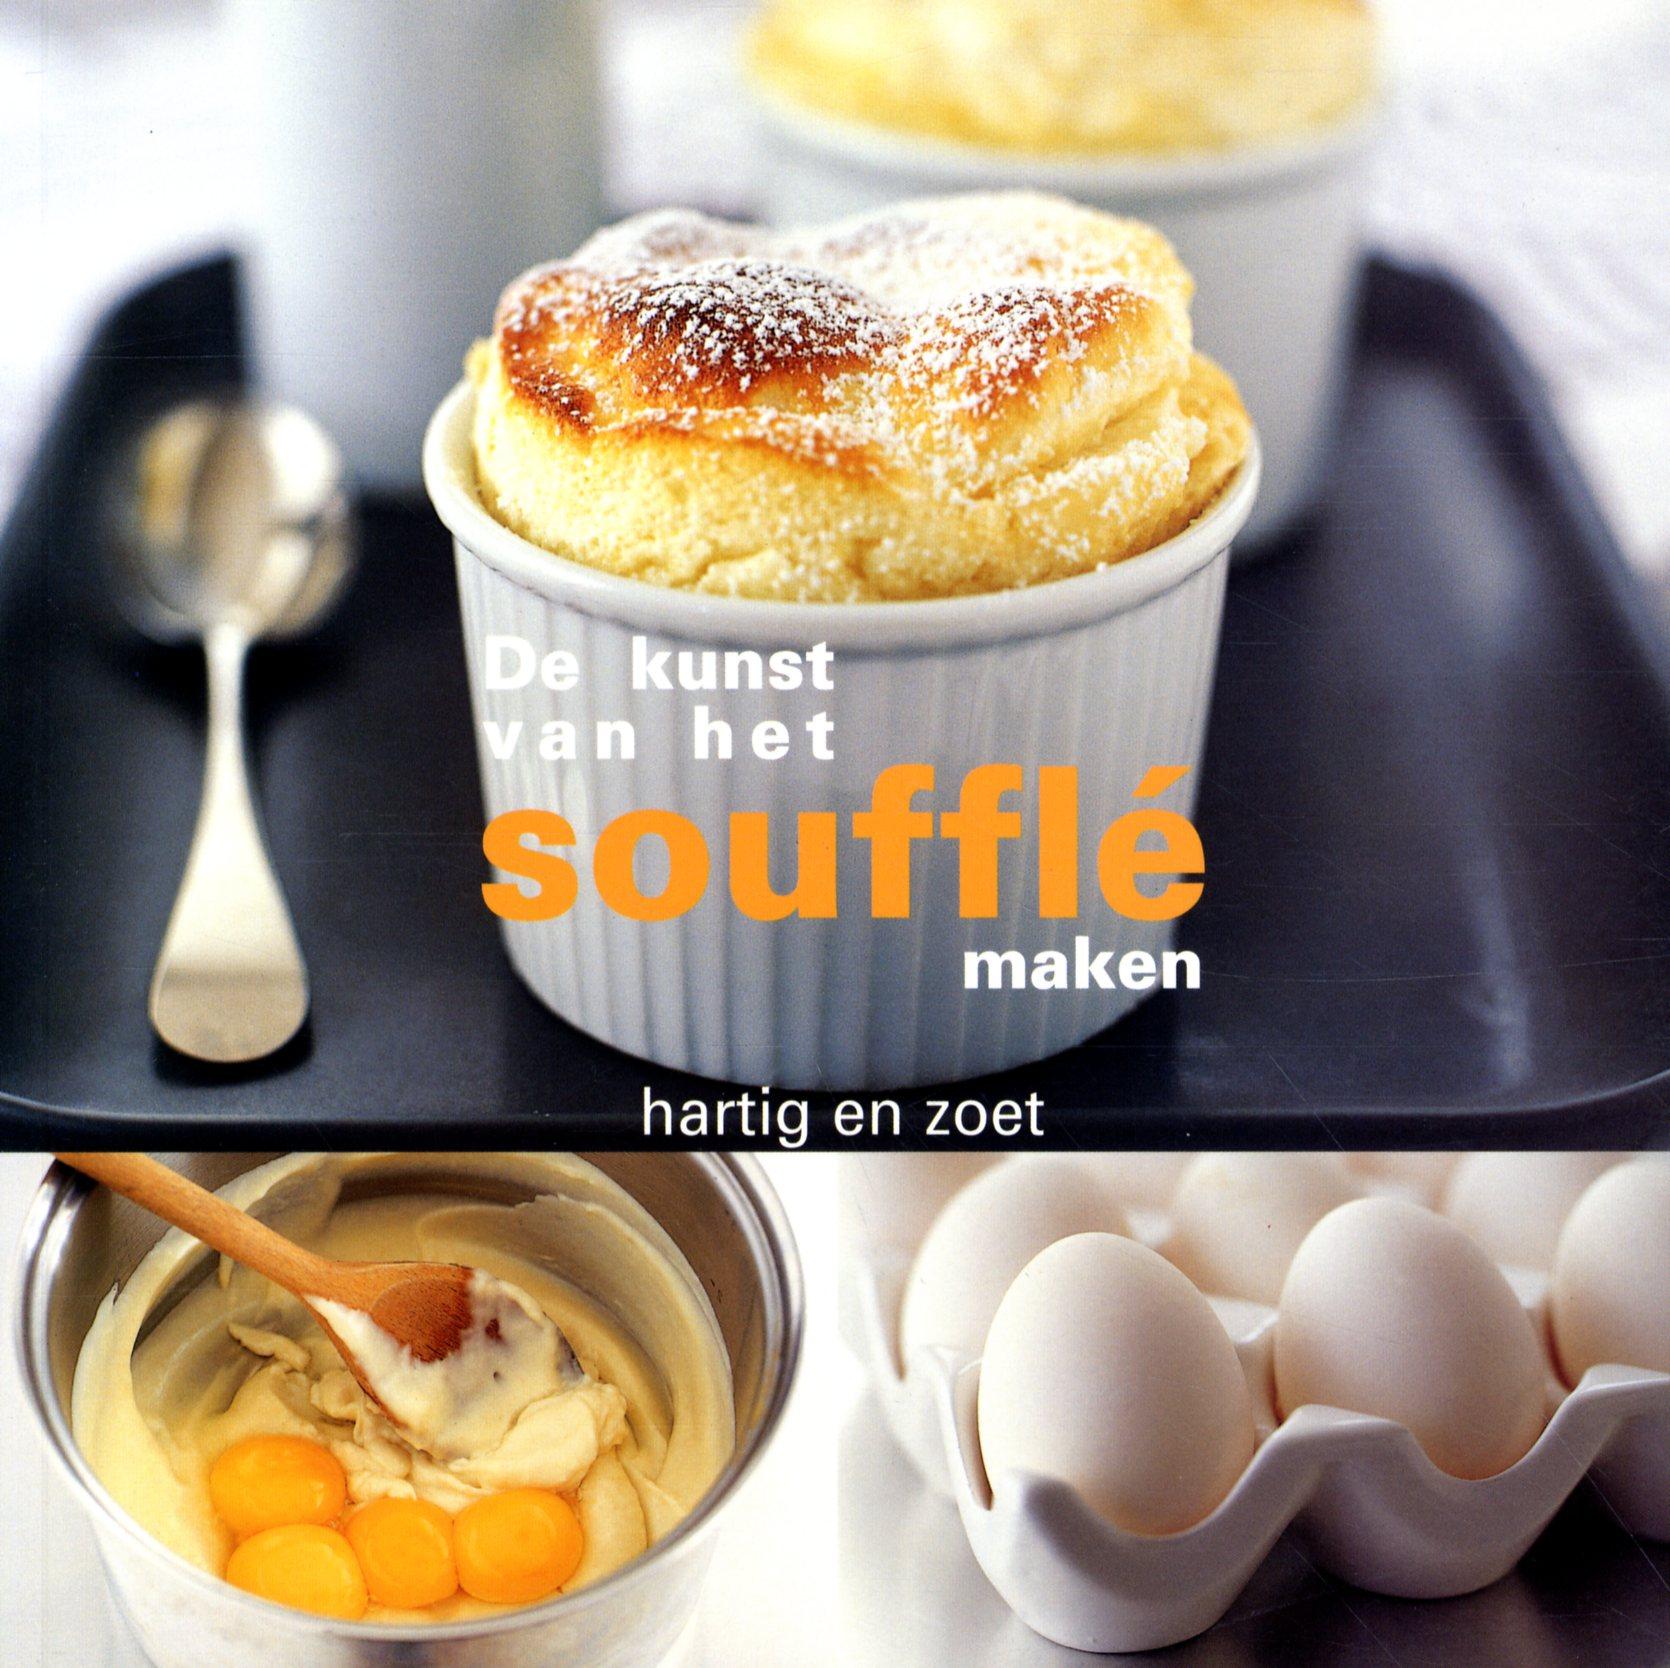 Kunst van het souffle maken